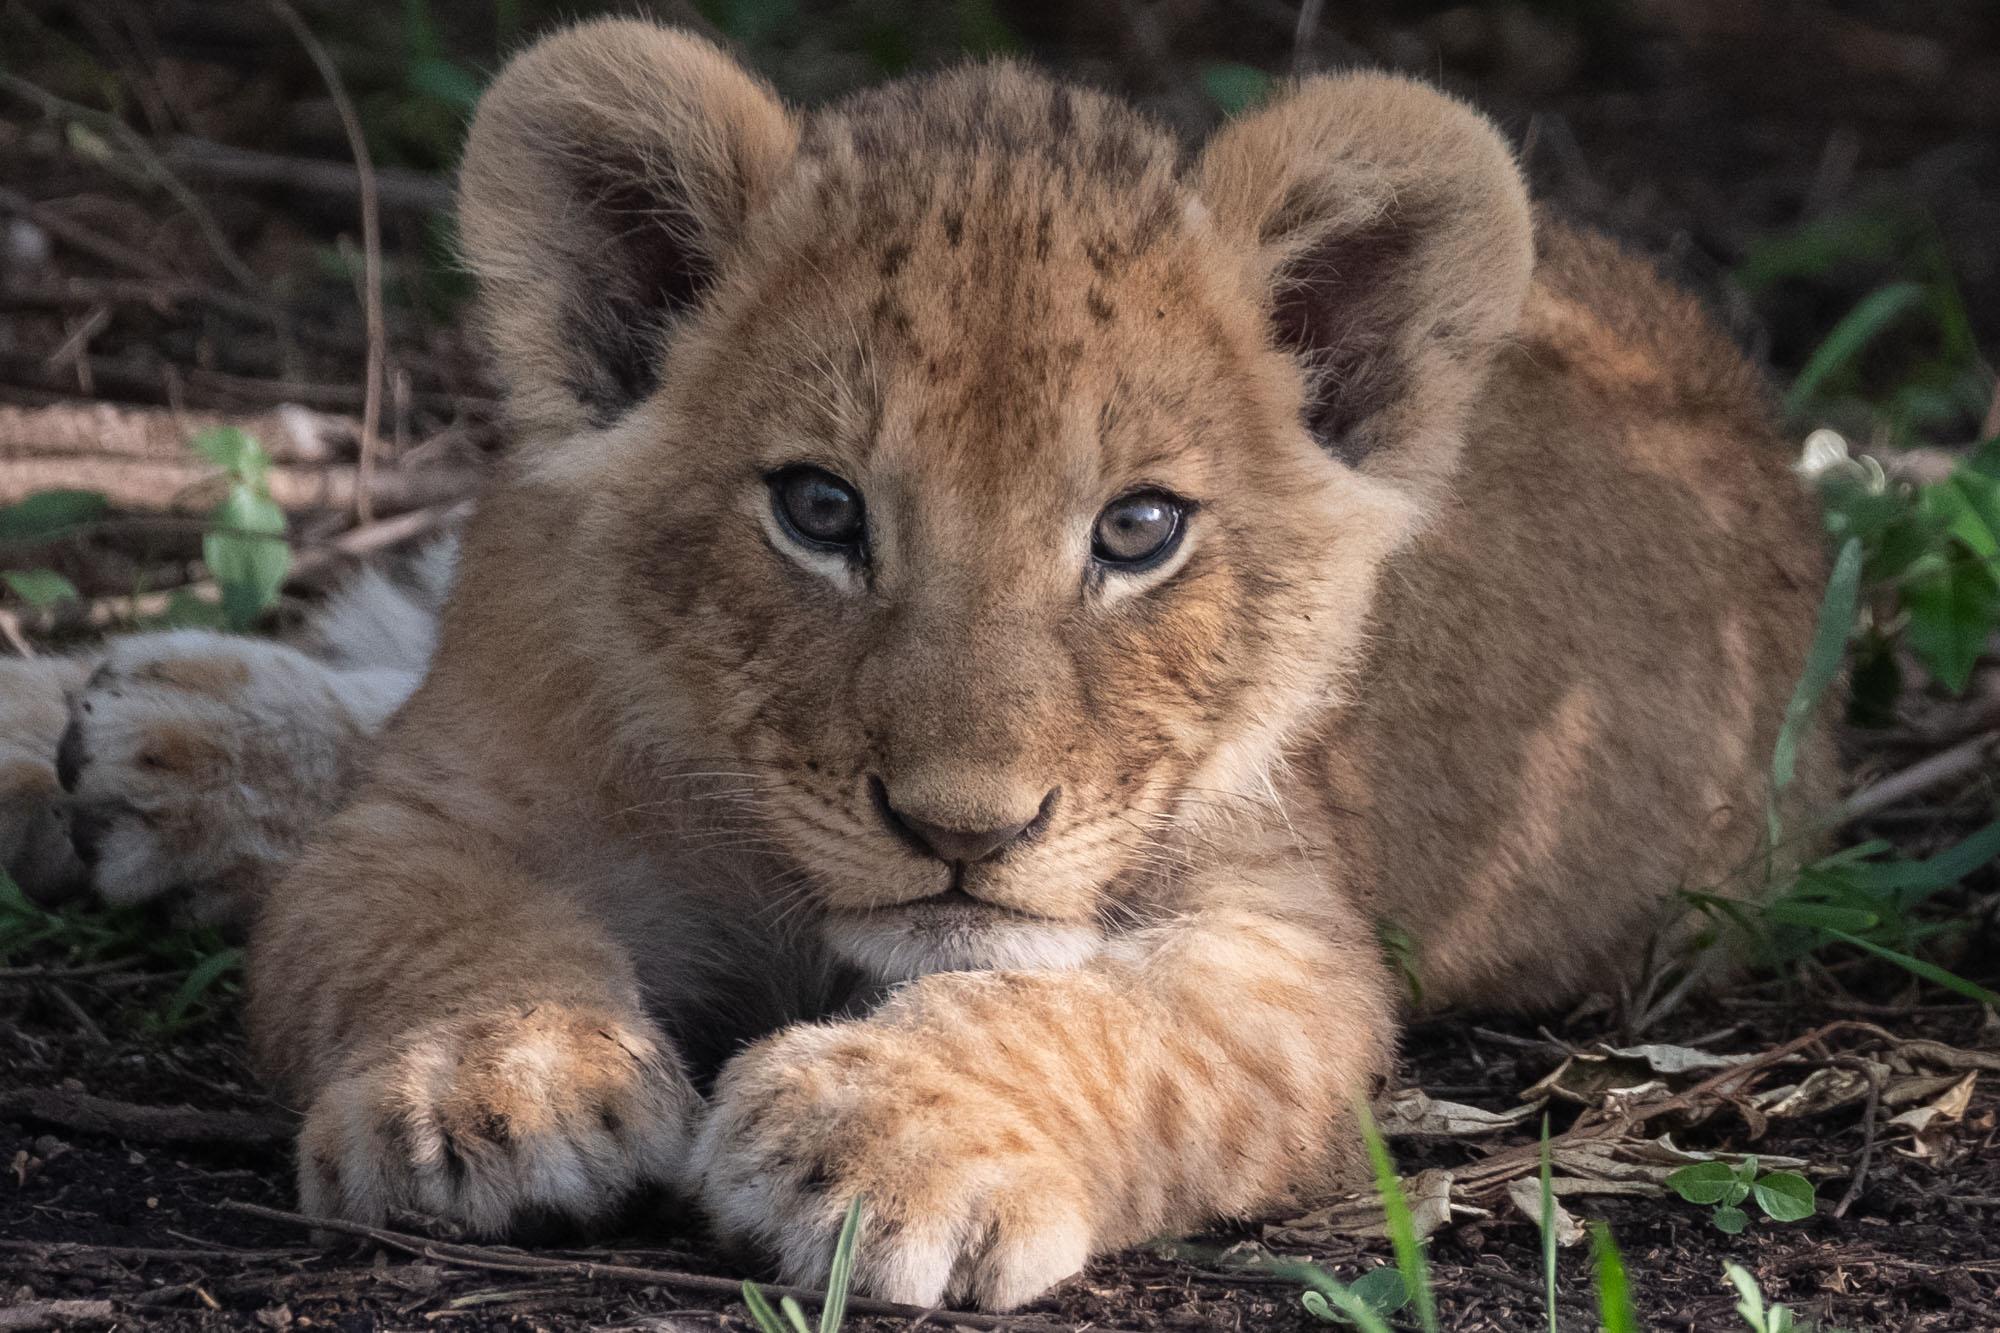 lion-cub-closeup-mara-kenya-2018-01-14.jpg